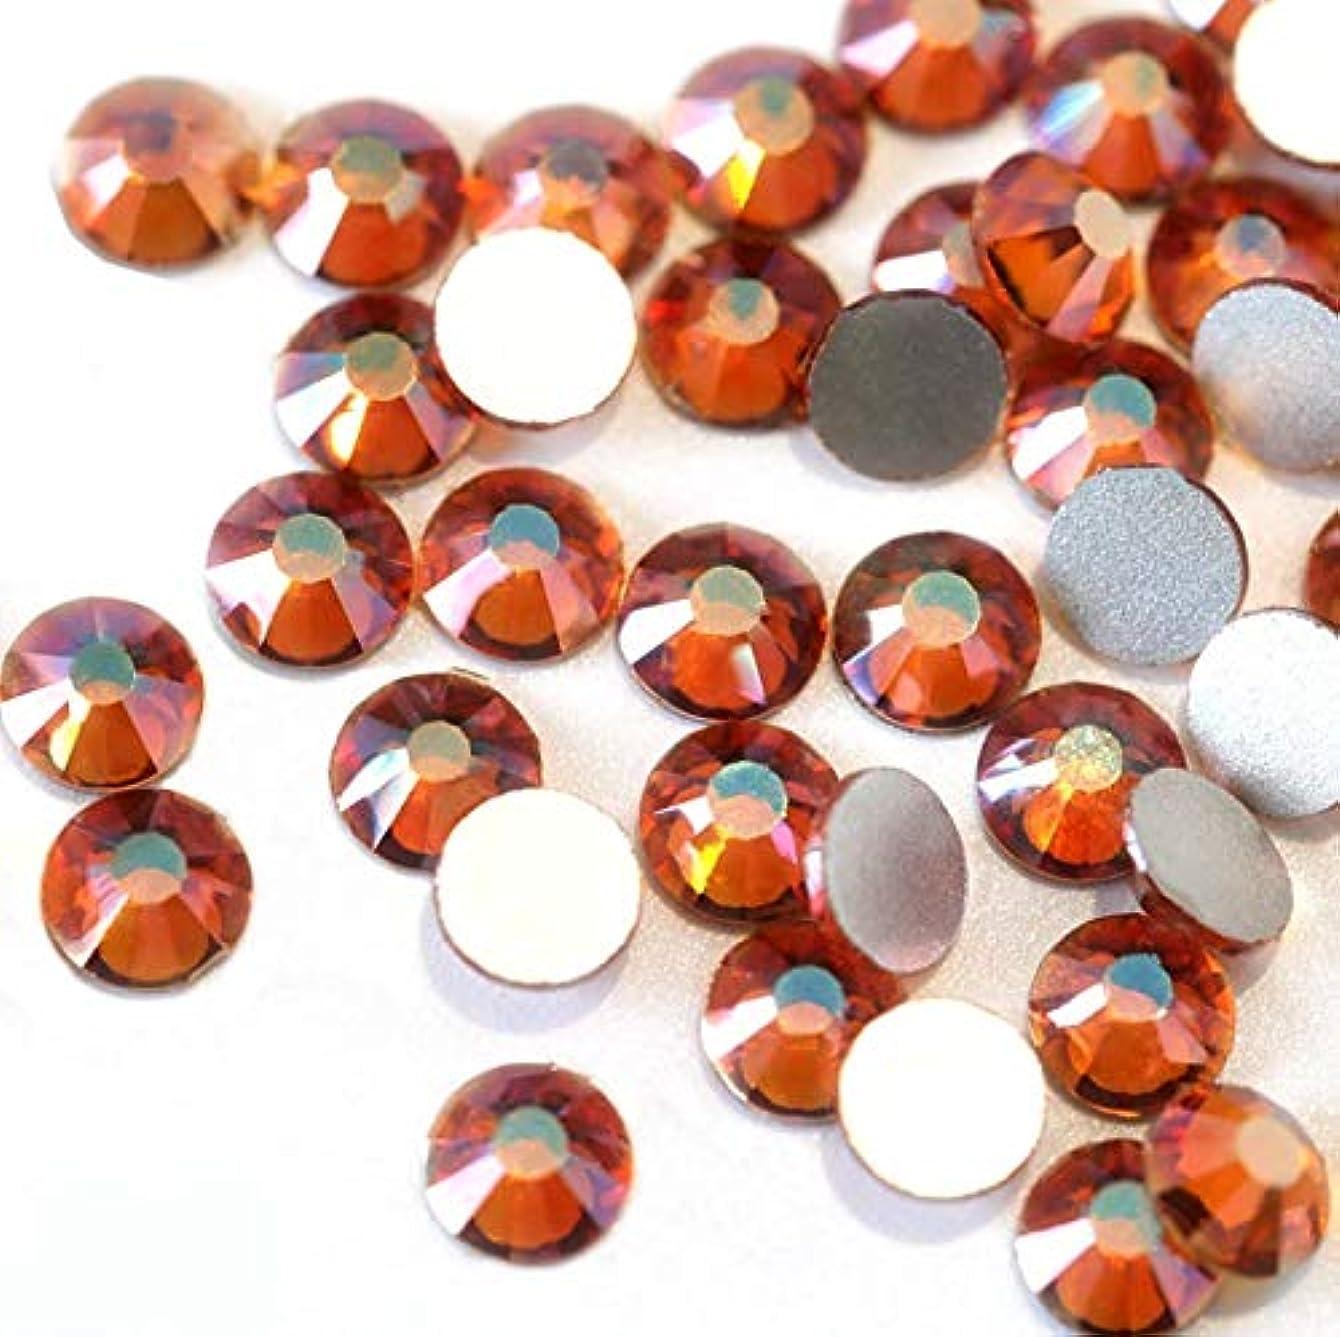 フェロー諸島インカ帝国サミュエル【ラインストーン77】高品質ガラス製ラインストーン 色/サイズ選択可 SS3~SS50 スワロフスキー同等 (サンセット, SS6:約1.9mm(約200粒))